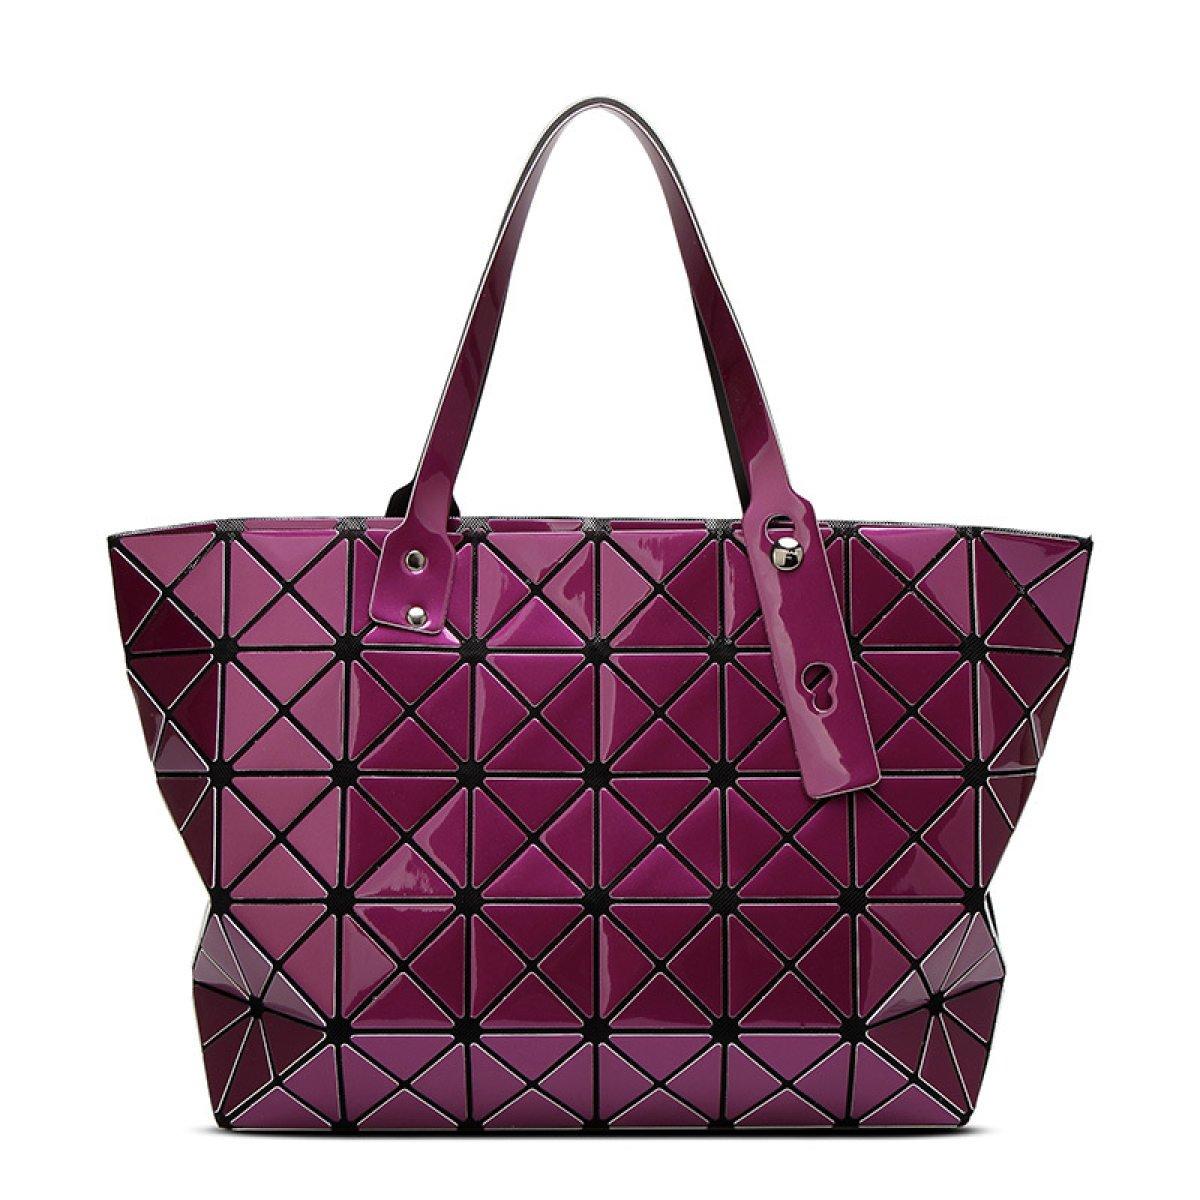 Damenmode Geometrische Gitter Tote Glossy Schultertasche,lila B0784S3LQ1 Henkeltaschen Praktisch und wirtschaftlich